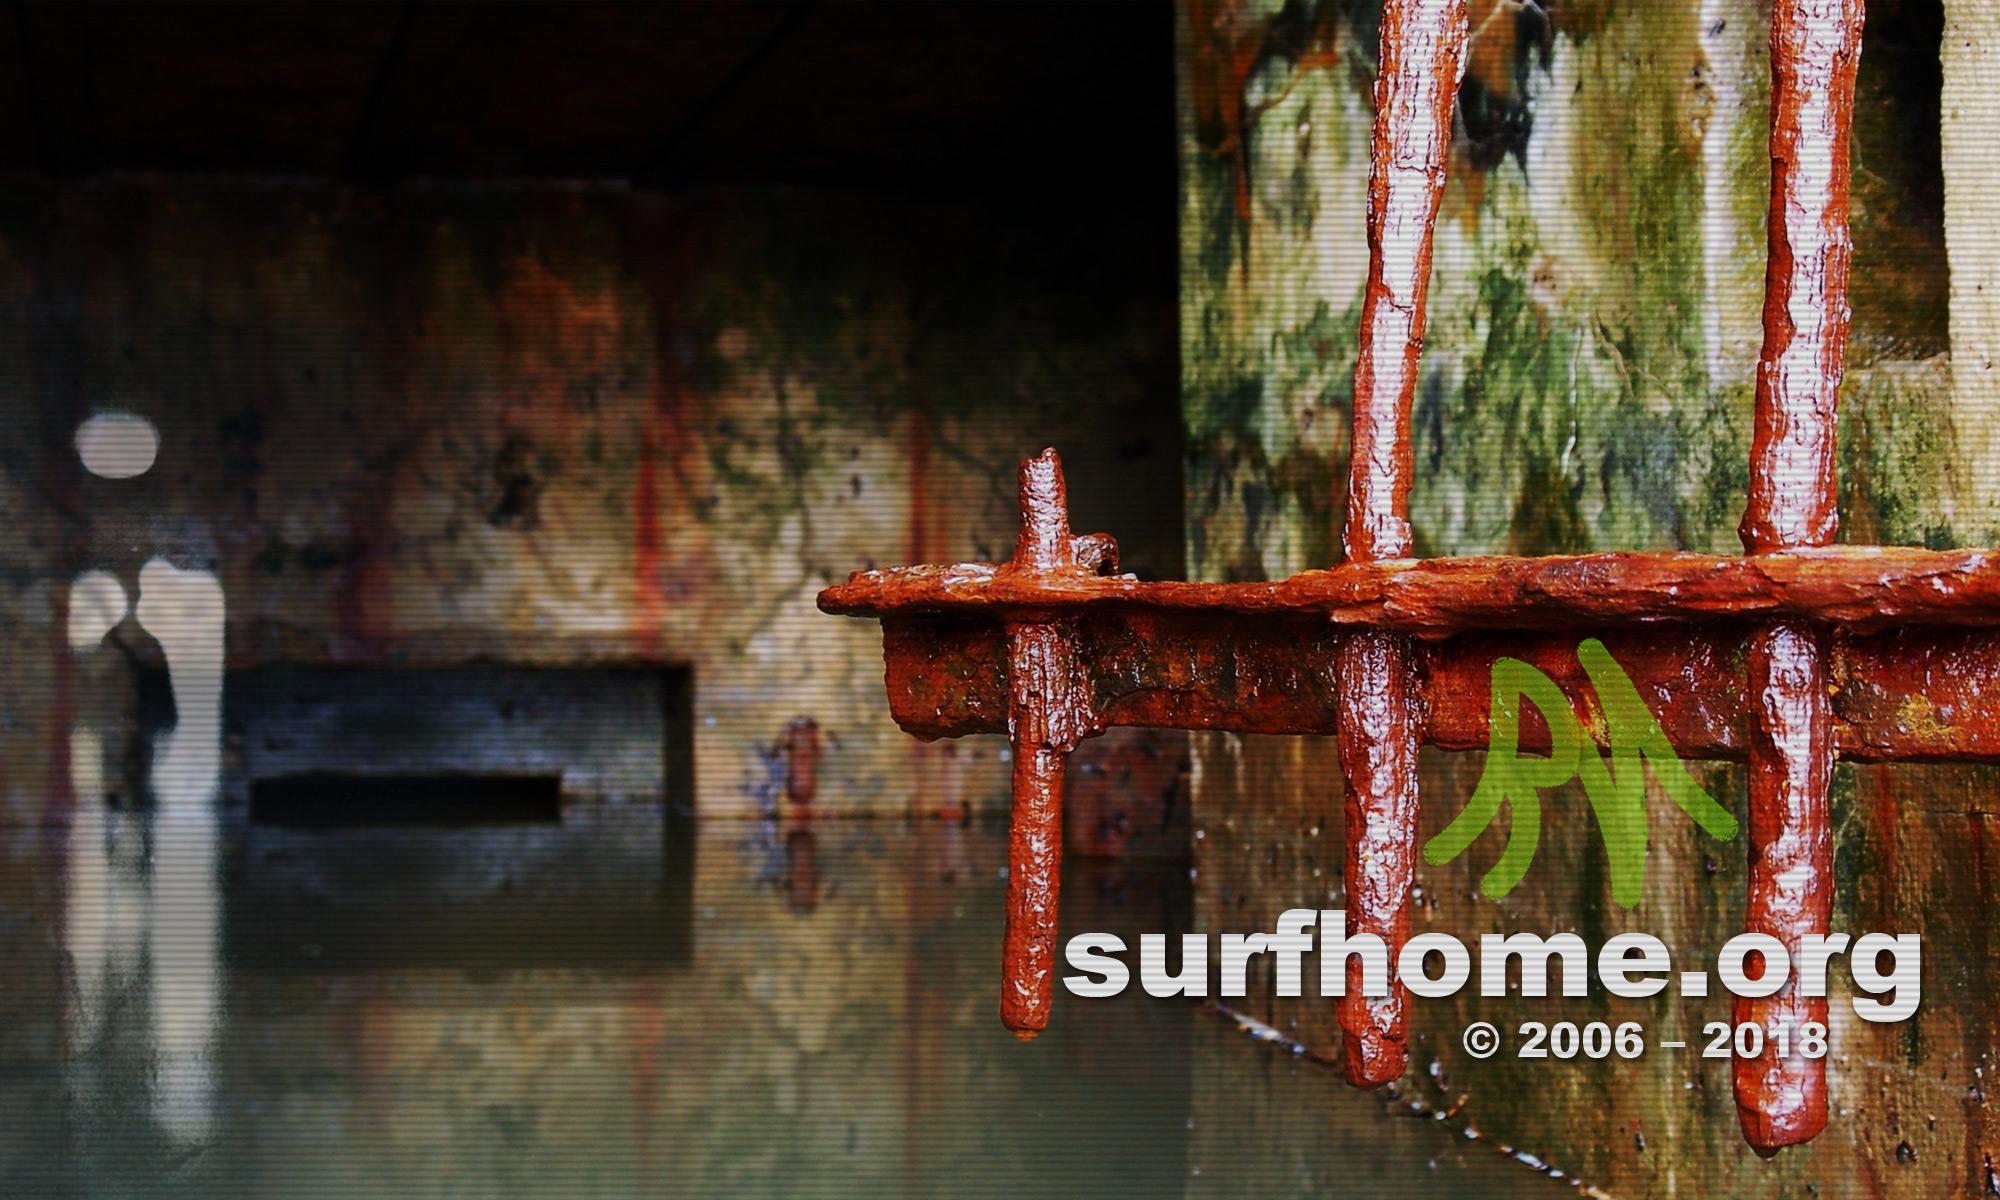 surfhome.org